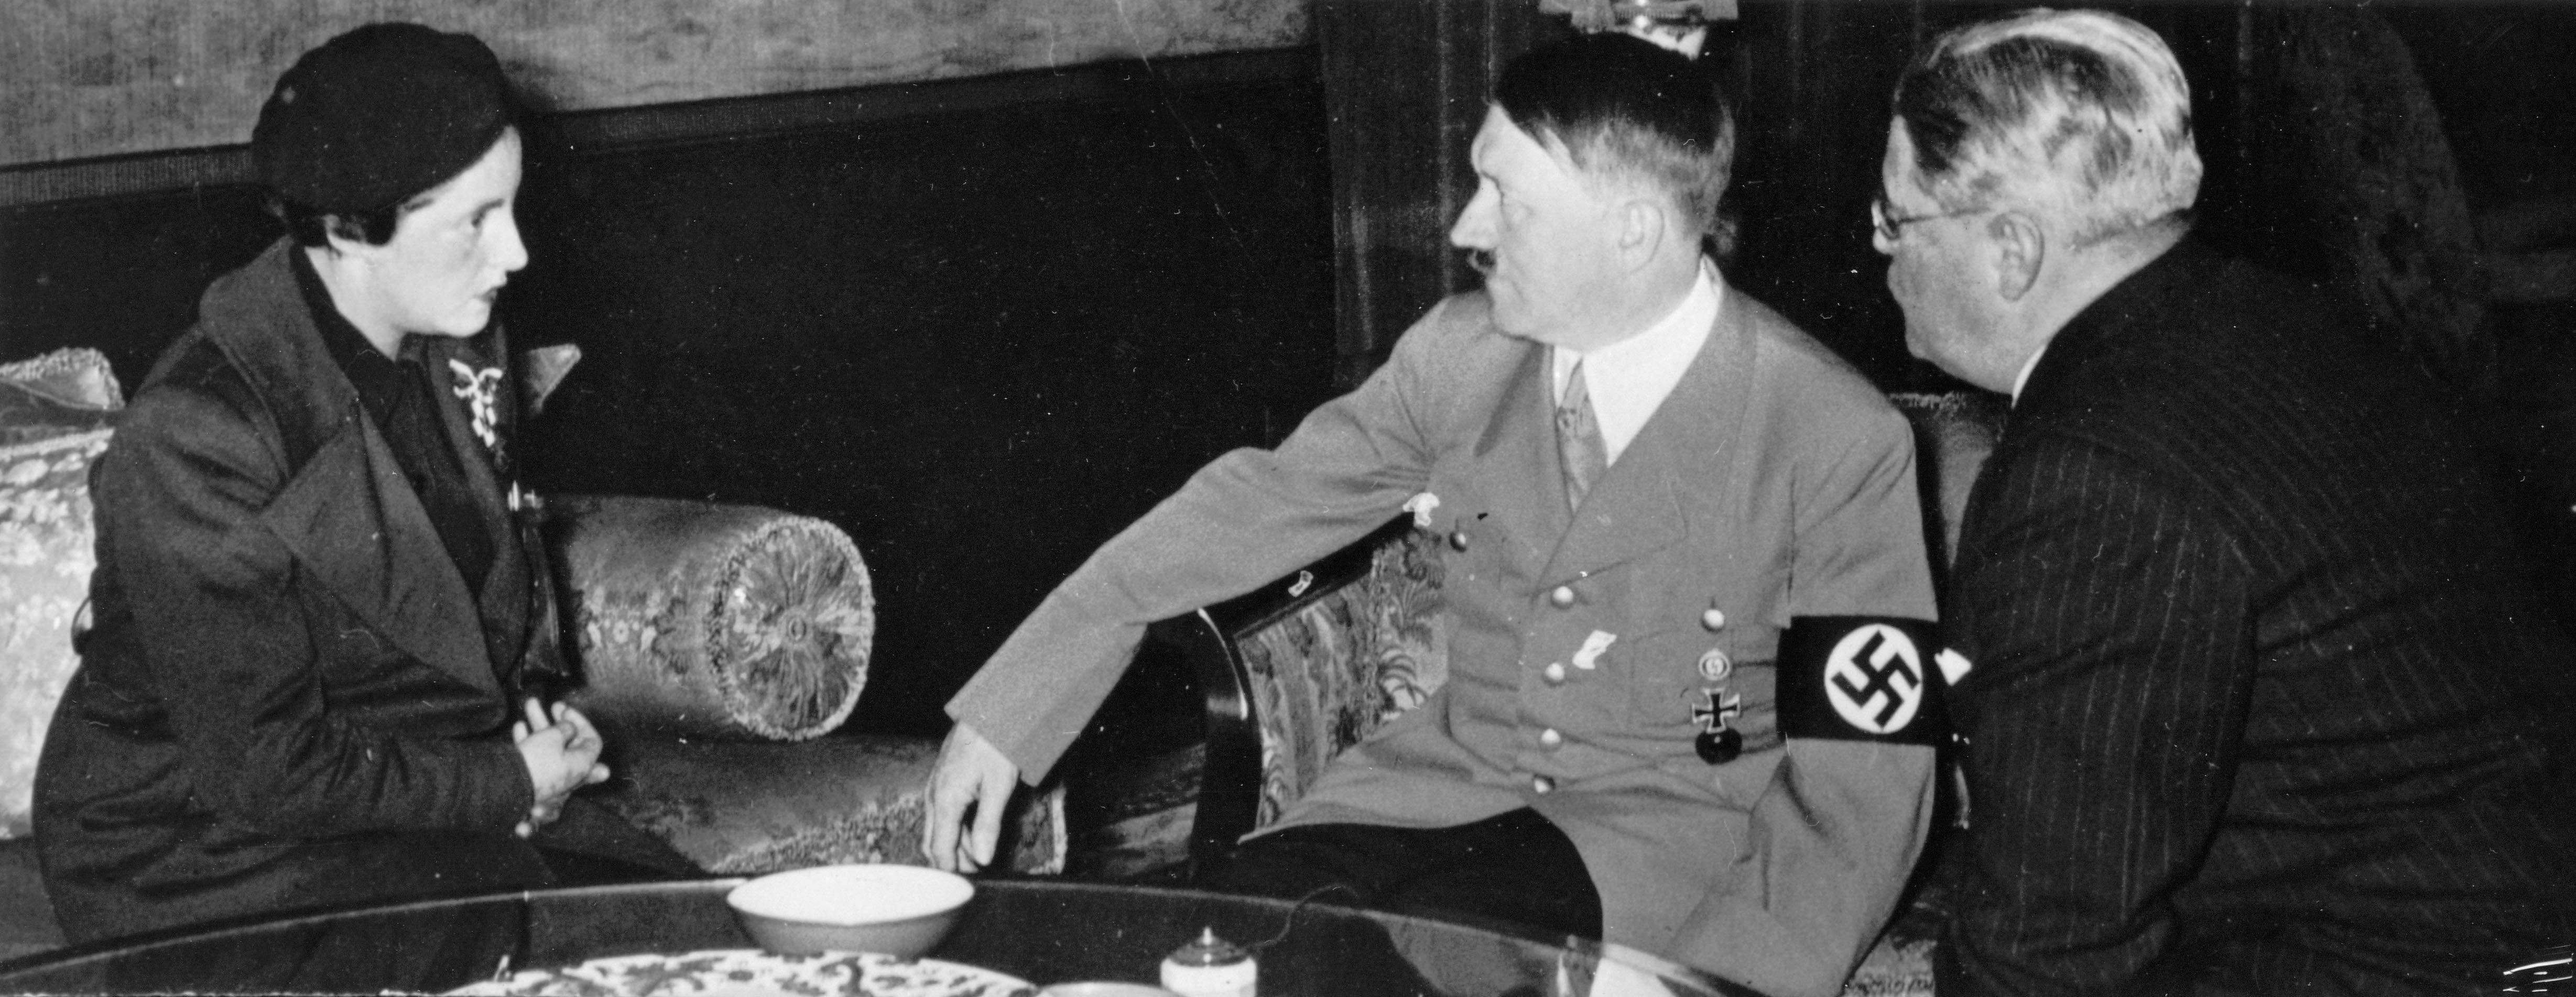 Ο άγνωστος λόγος που ναυάγησε ο γάμος του Χίτλερ με την «Ηγερία» του ισπανικού φασισμού